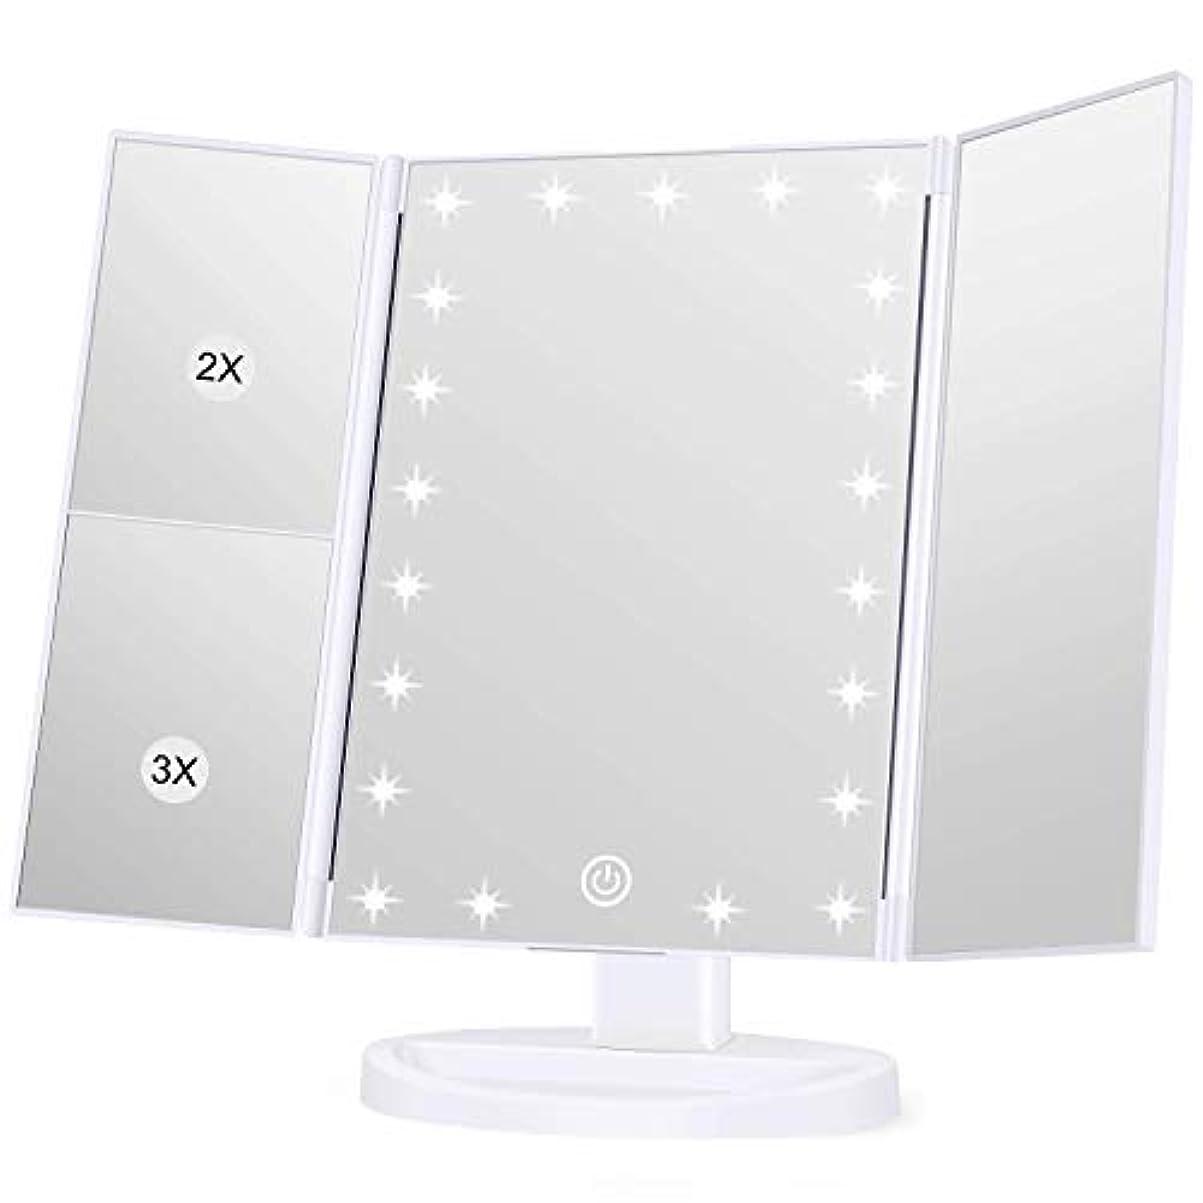 分子必要とする最小化粧鏡 化粧ミラー 鏡 三面鏡 女優ミラー 卓上 led付き 折りたたみ 拡大鏡 2&3&10倍 明るさ調節可能 180°回転 電池&USB 2WAY給電(White)